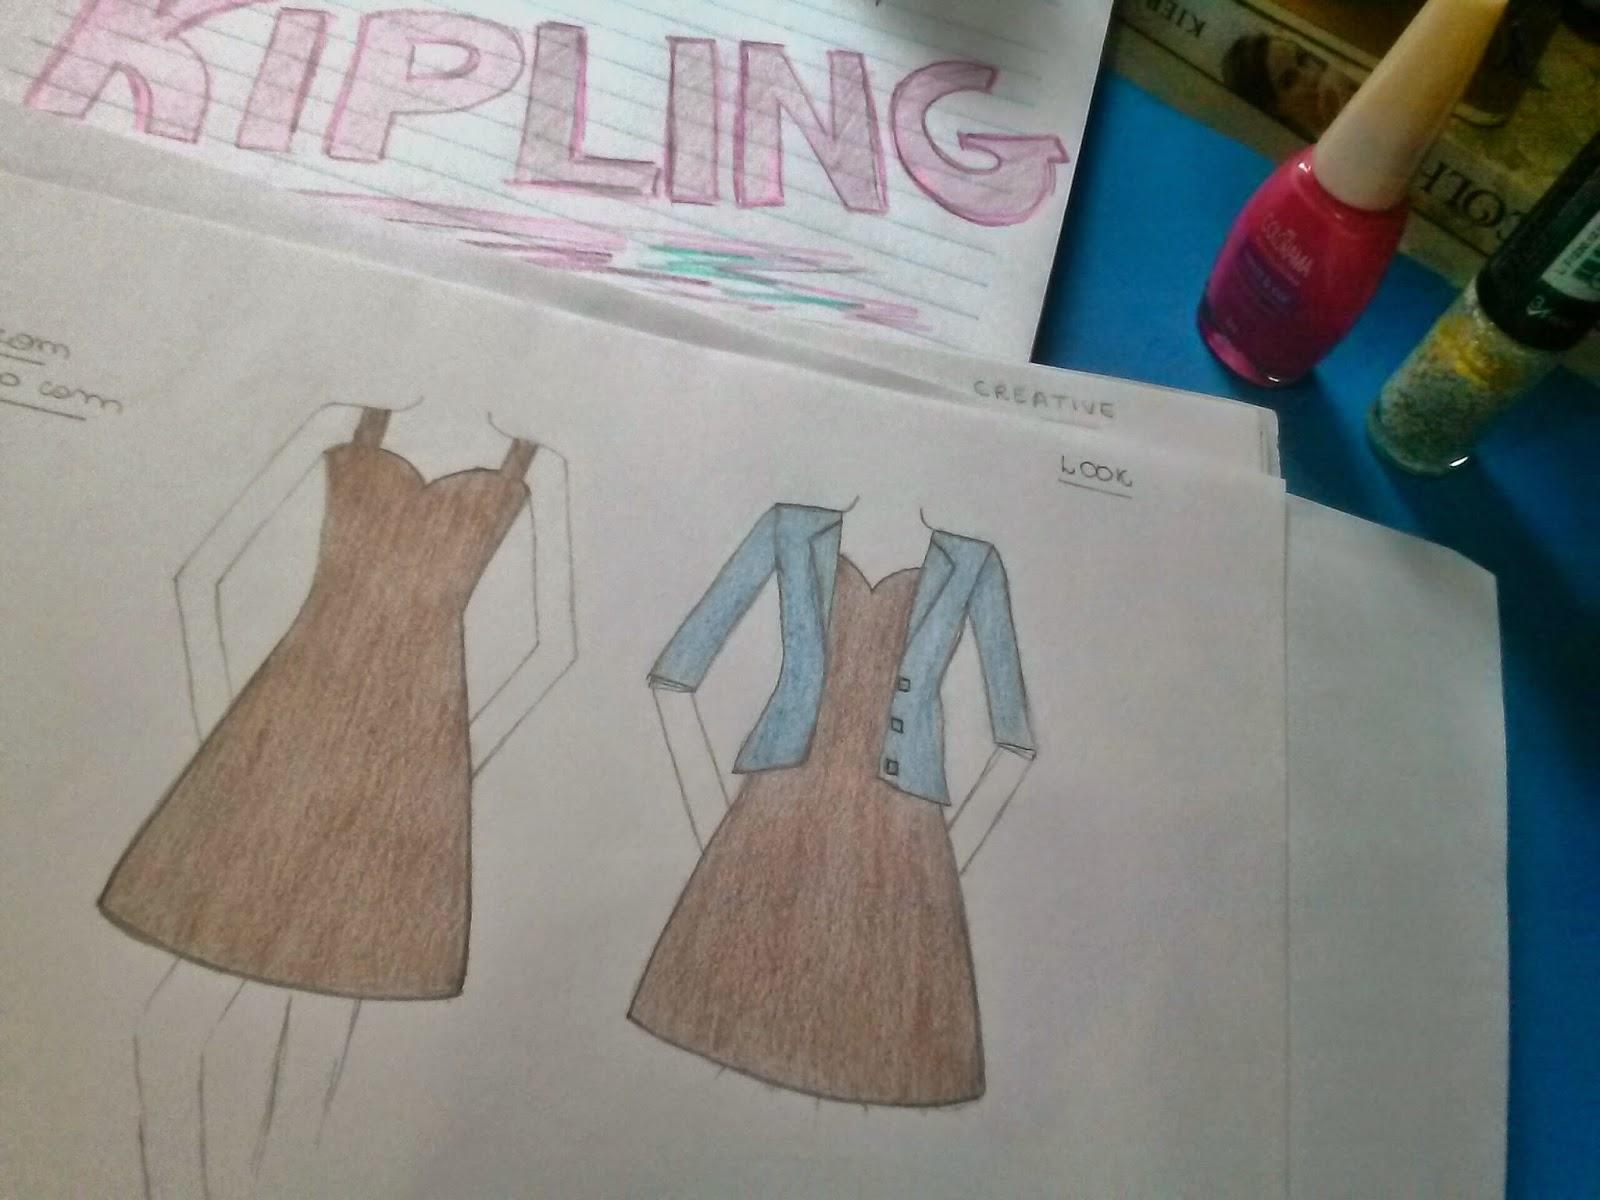 http://invencaopink.blogspot.com.br/2014/12/colecao-kipling-shoes-os-detalhes-fazem.html